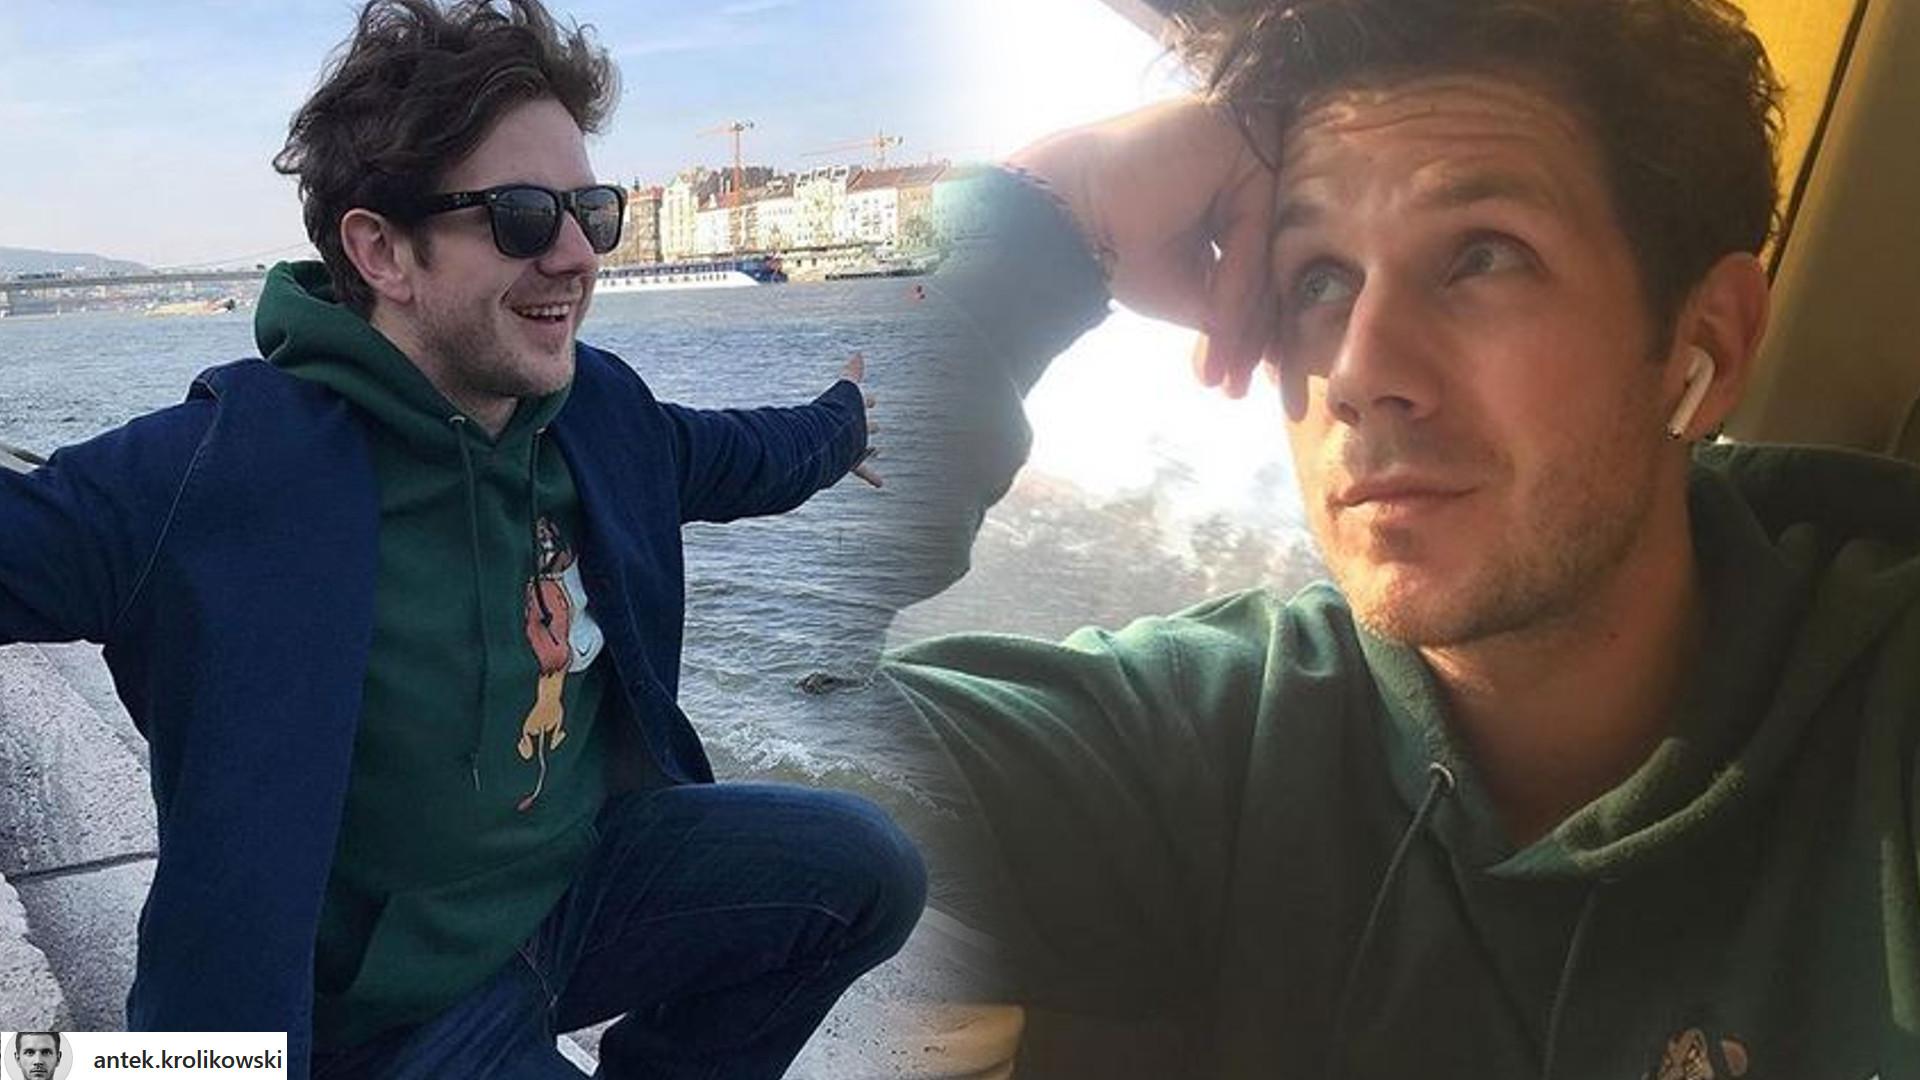 Antoni Królikowski komentuje na Instagramie swój nowy związek: Kocham Cię